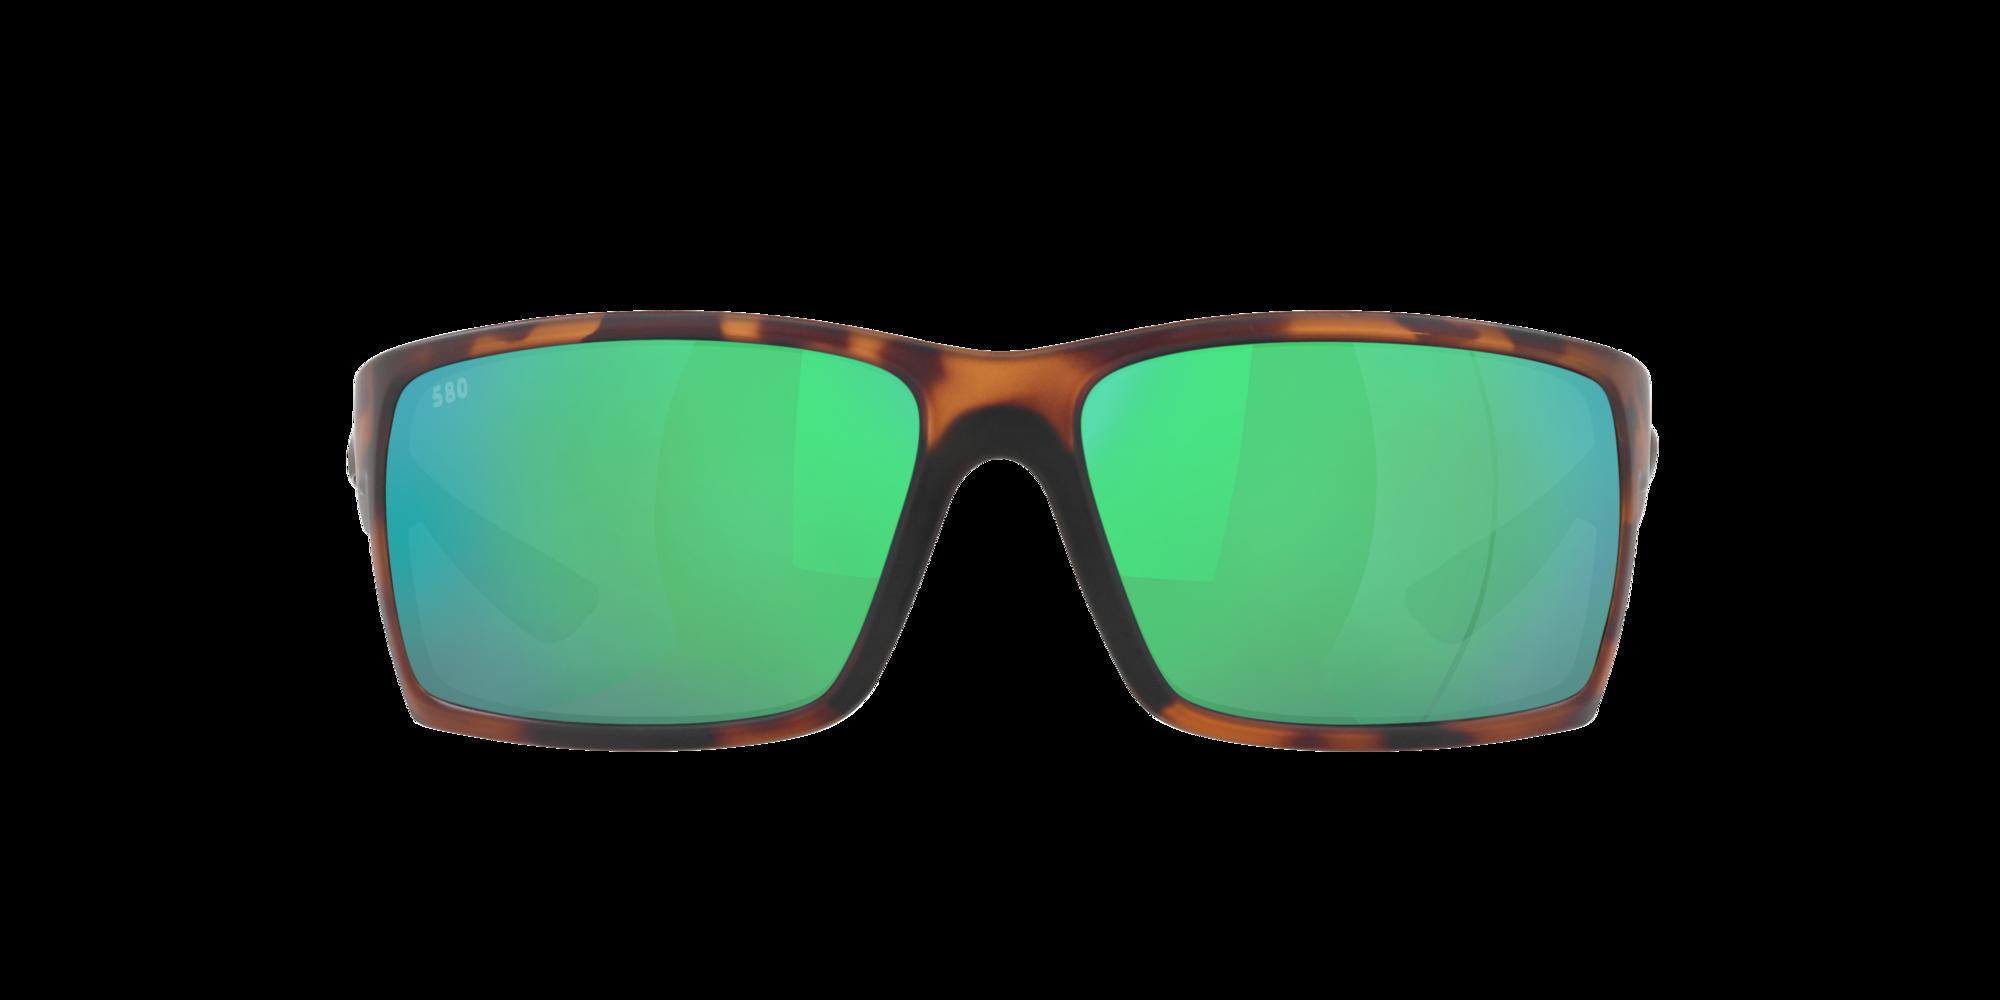 Imagen para REEFTON 64 de LensCrafters |  Espejuelos, espejuelos graduados en línea, gafas